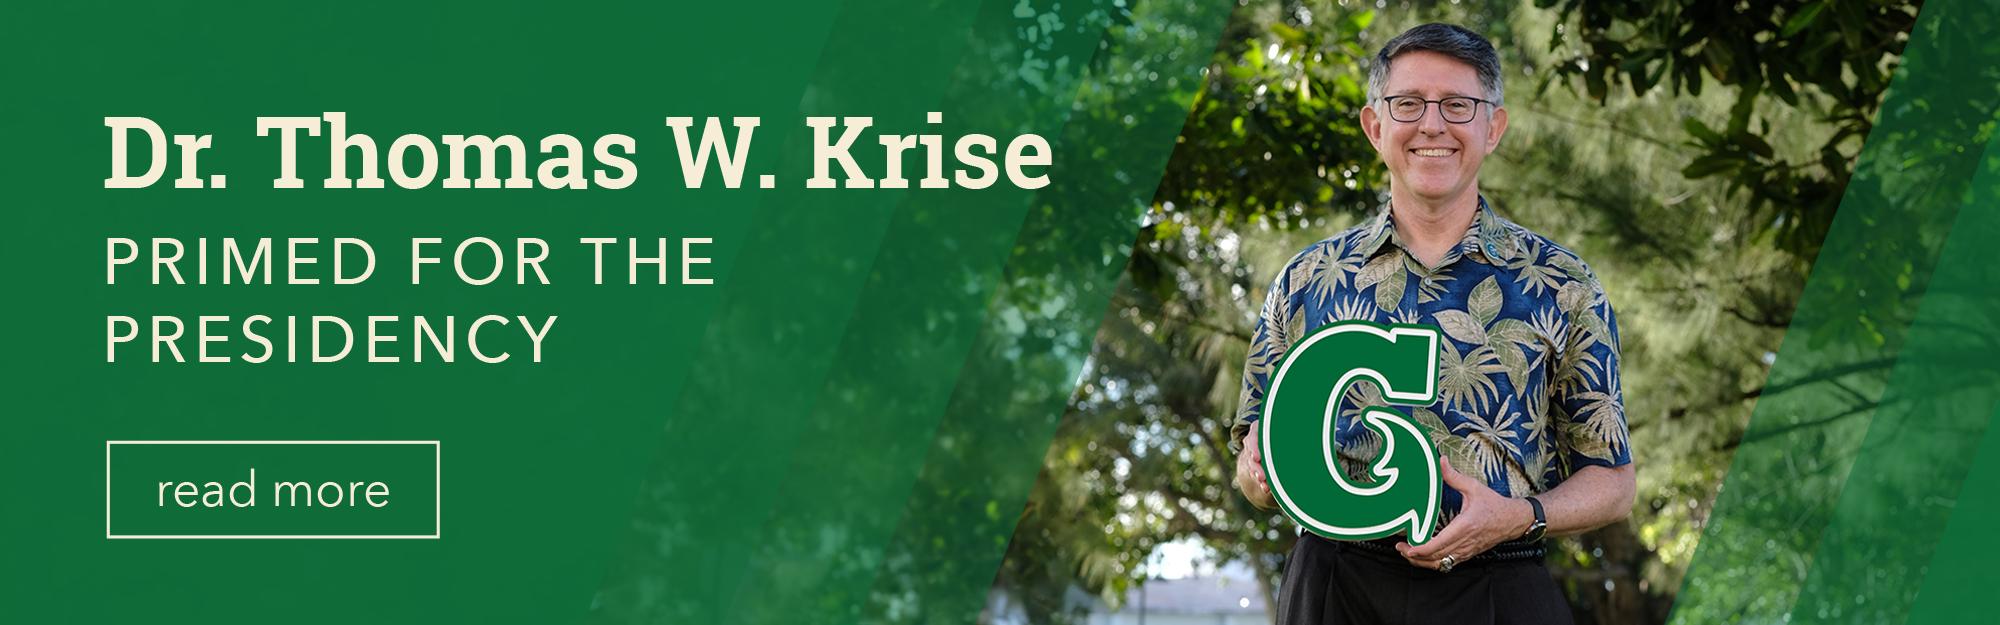 Dr. Krise Primed for Presidency